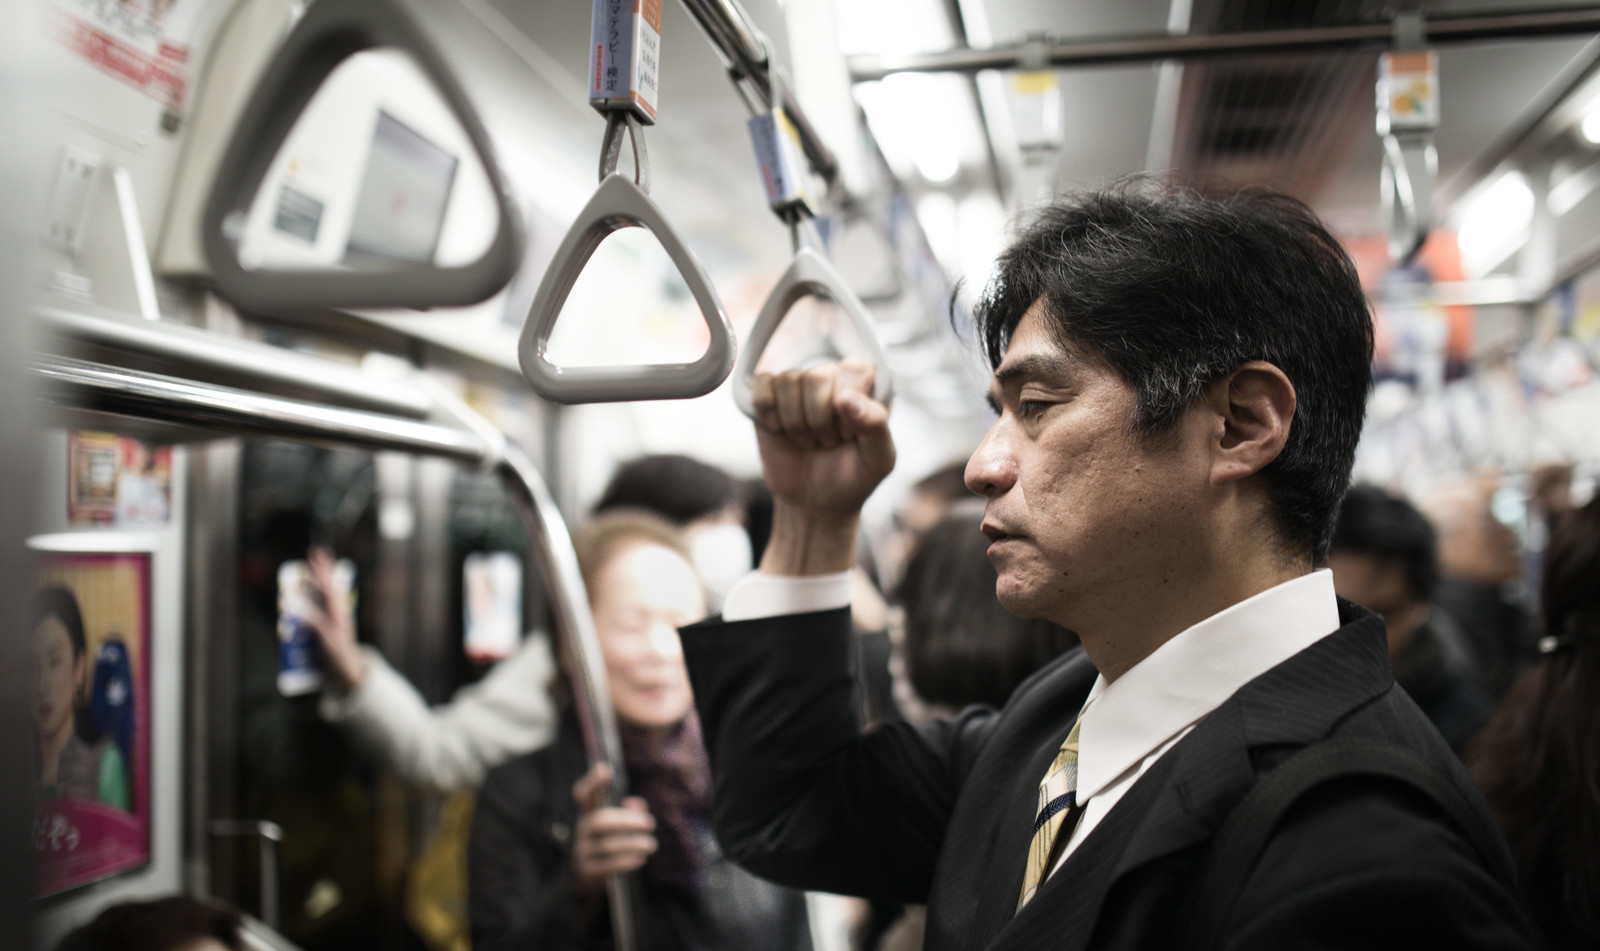 「夜遅くまで勤めて終電で帰る会社役員夜遅くまで勤めて終電で帰る会社役員」[モデル:よたか]のフリー写真素材を拡大